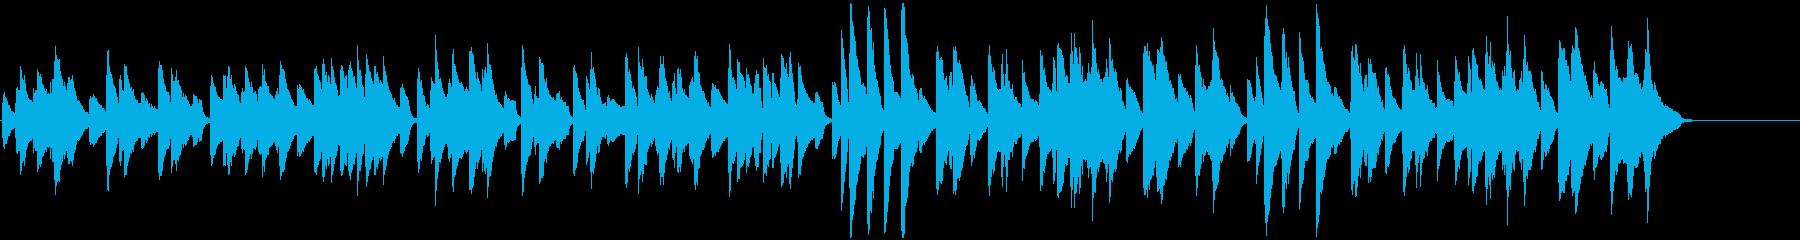 優雅で気品あるヴェートーベン・メヌエットの再生済みの波形